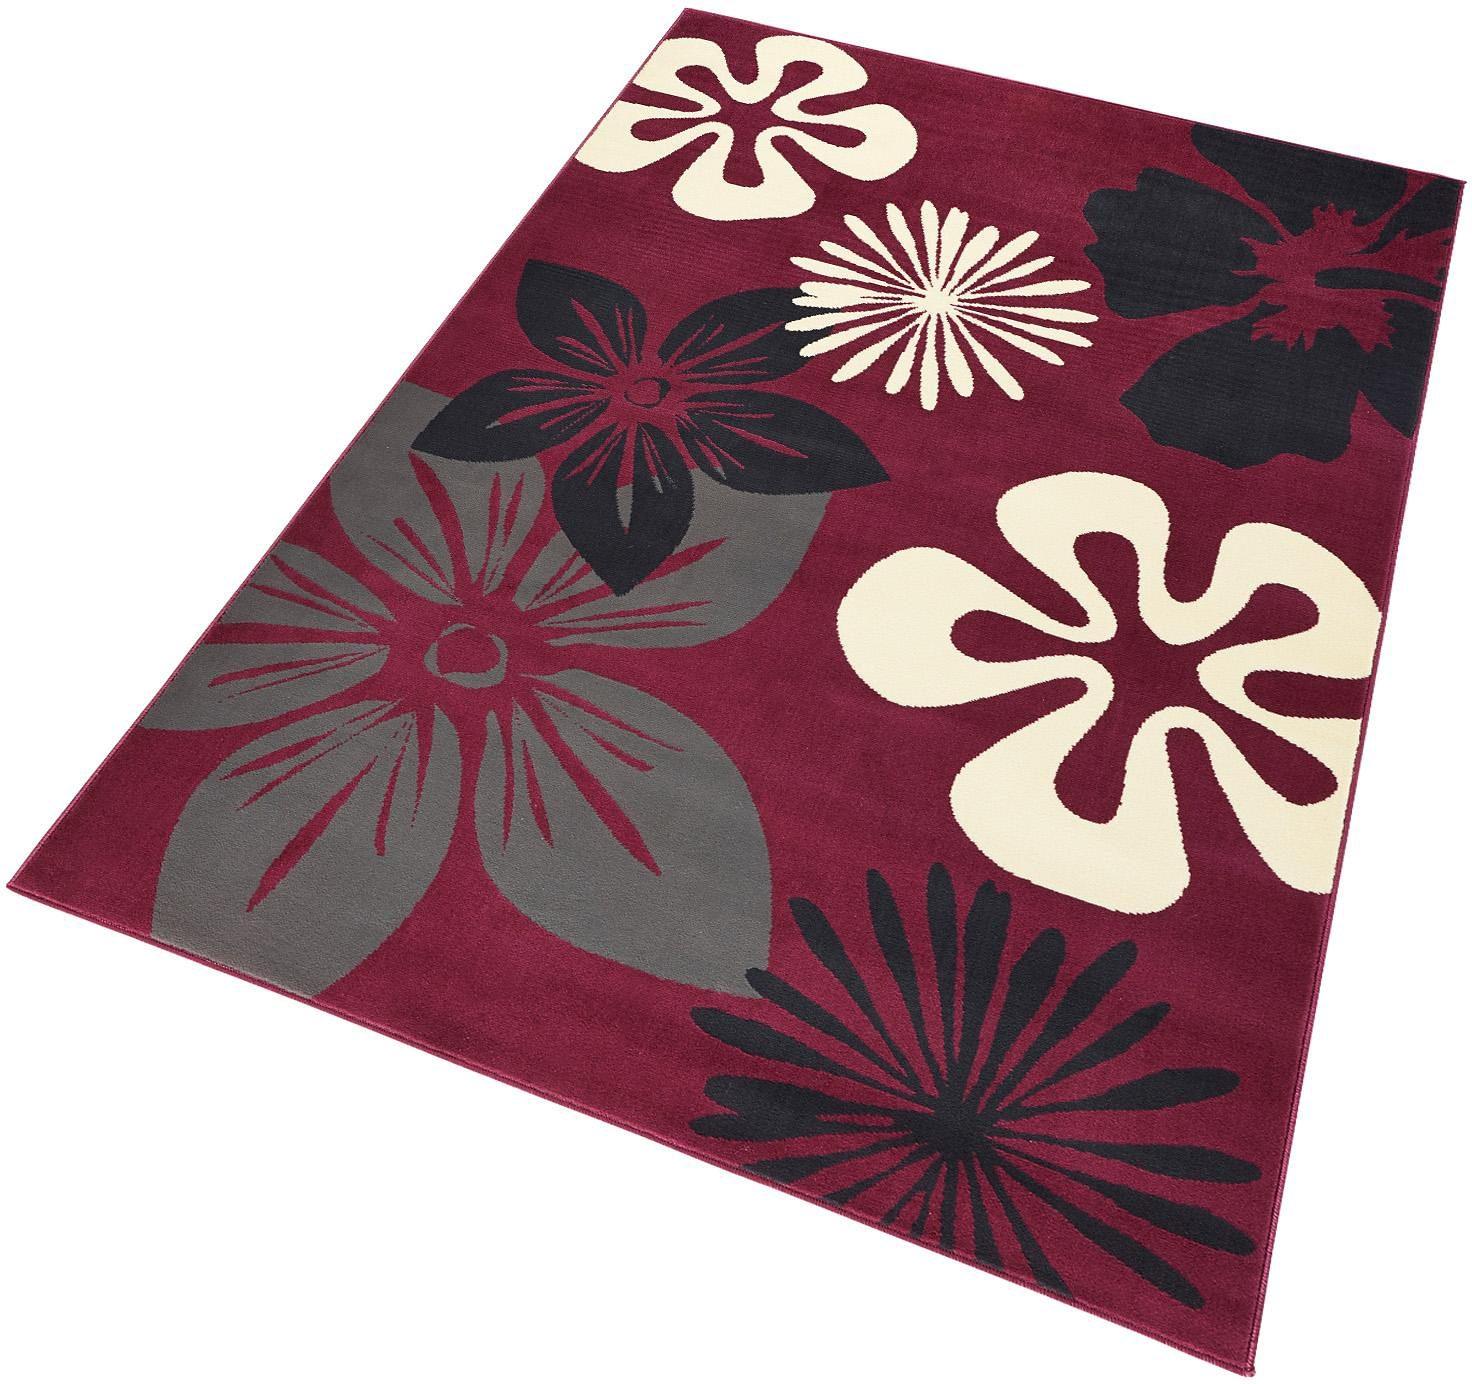 Teppich, »Flora«, Hanse Home, rechteckig, Höhe 9 mm, maschinell gewebt